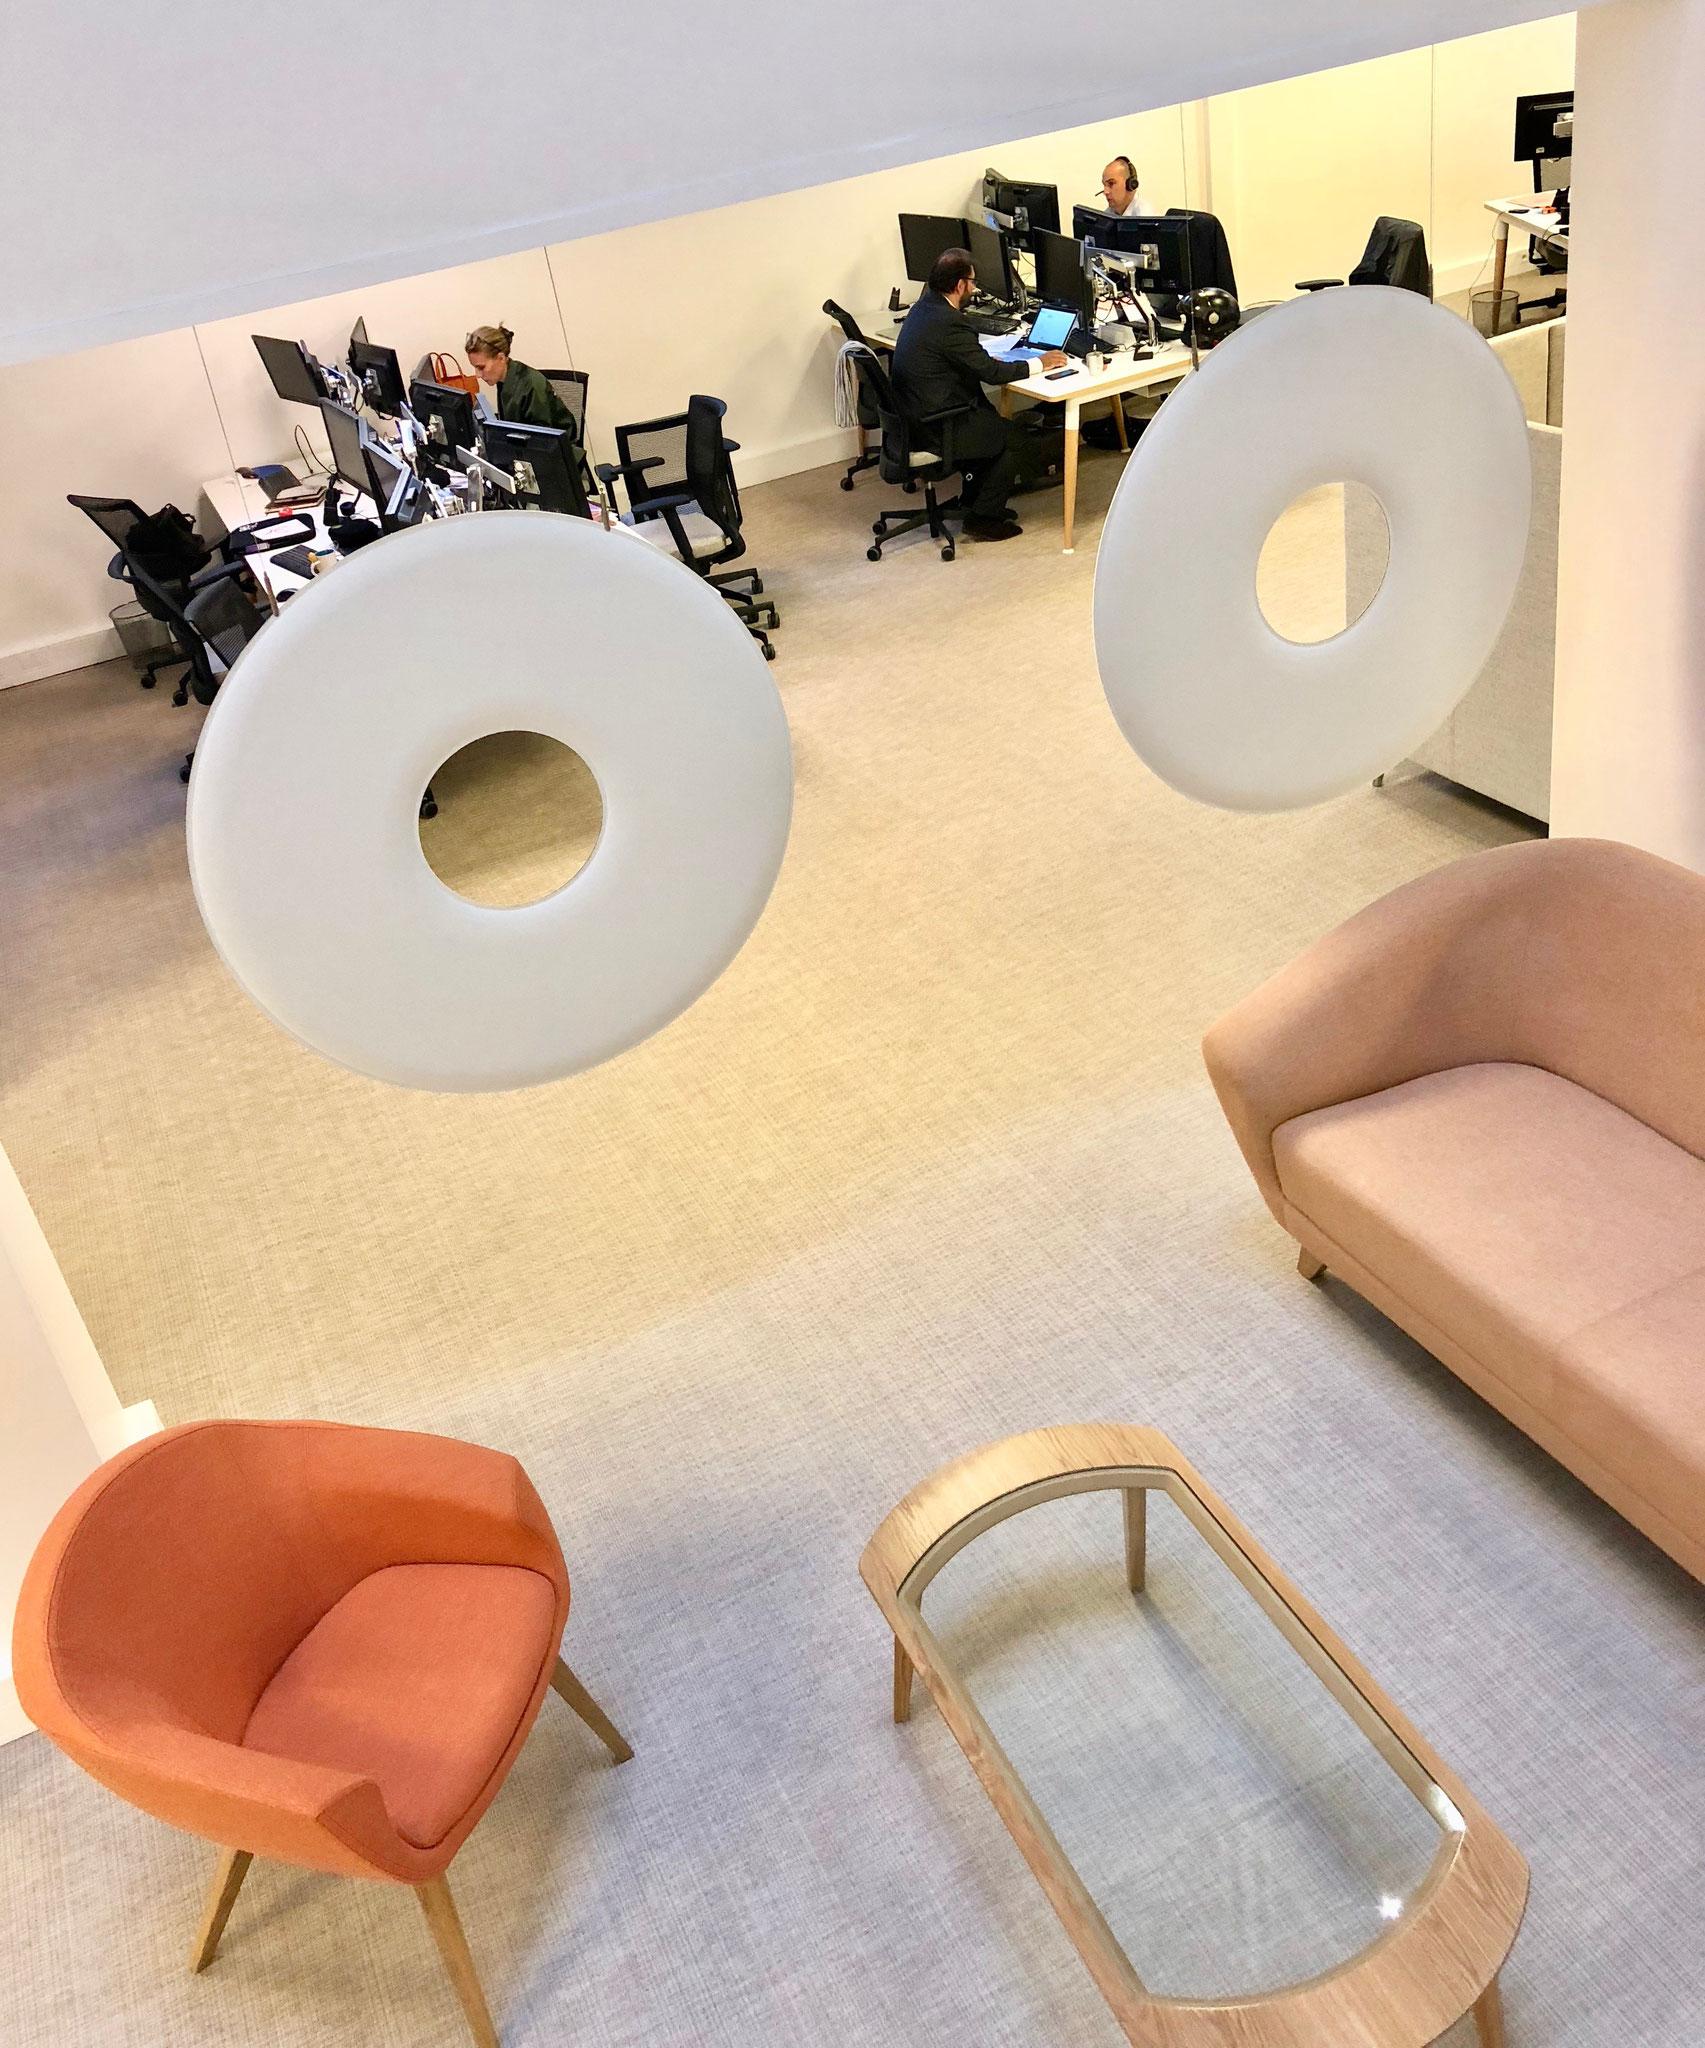 Salon d'accueil client dans un espace de coworking textiles et couleurs